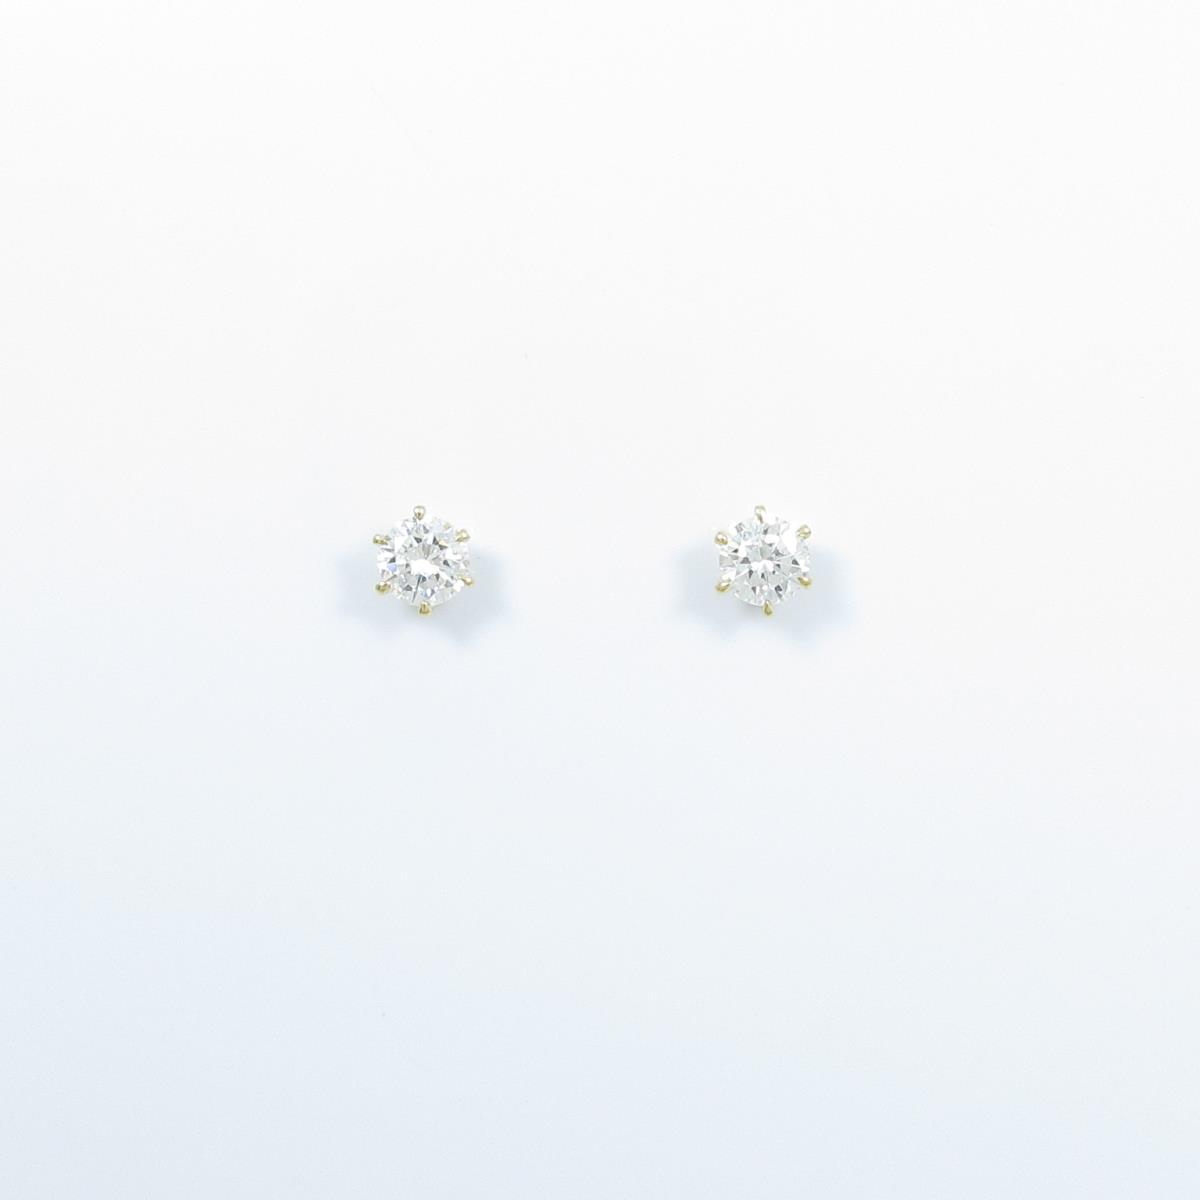 【リメイク】K18YG ダイヤモンドピアス 0.201ct・0.202ct・F・SI1-SI2・VG【中古】